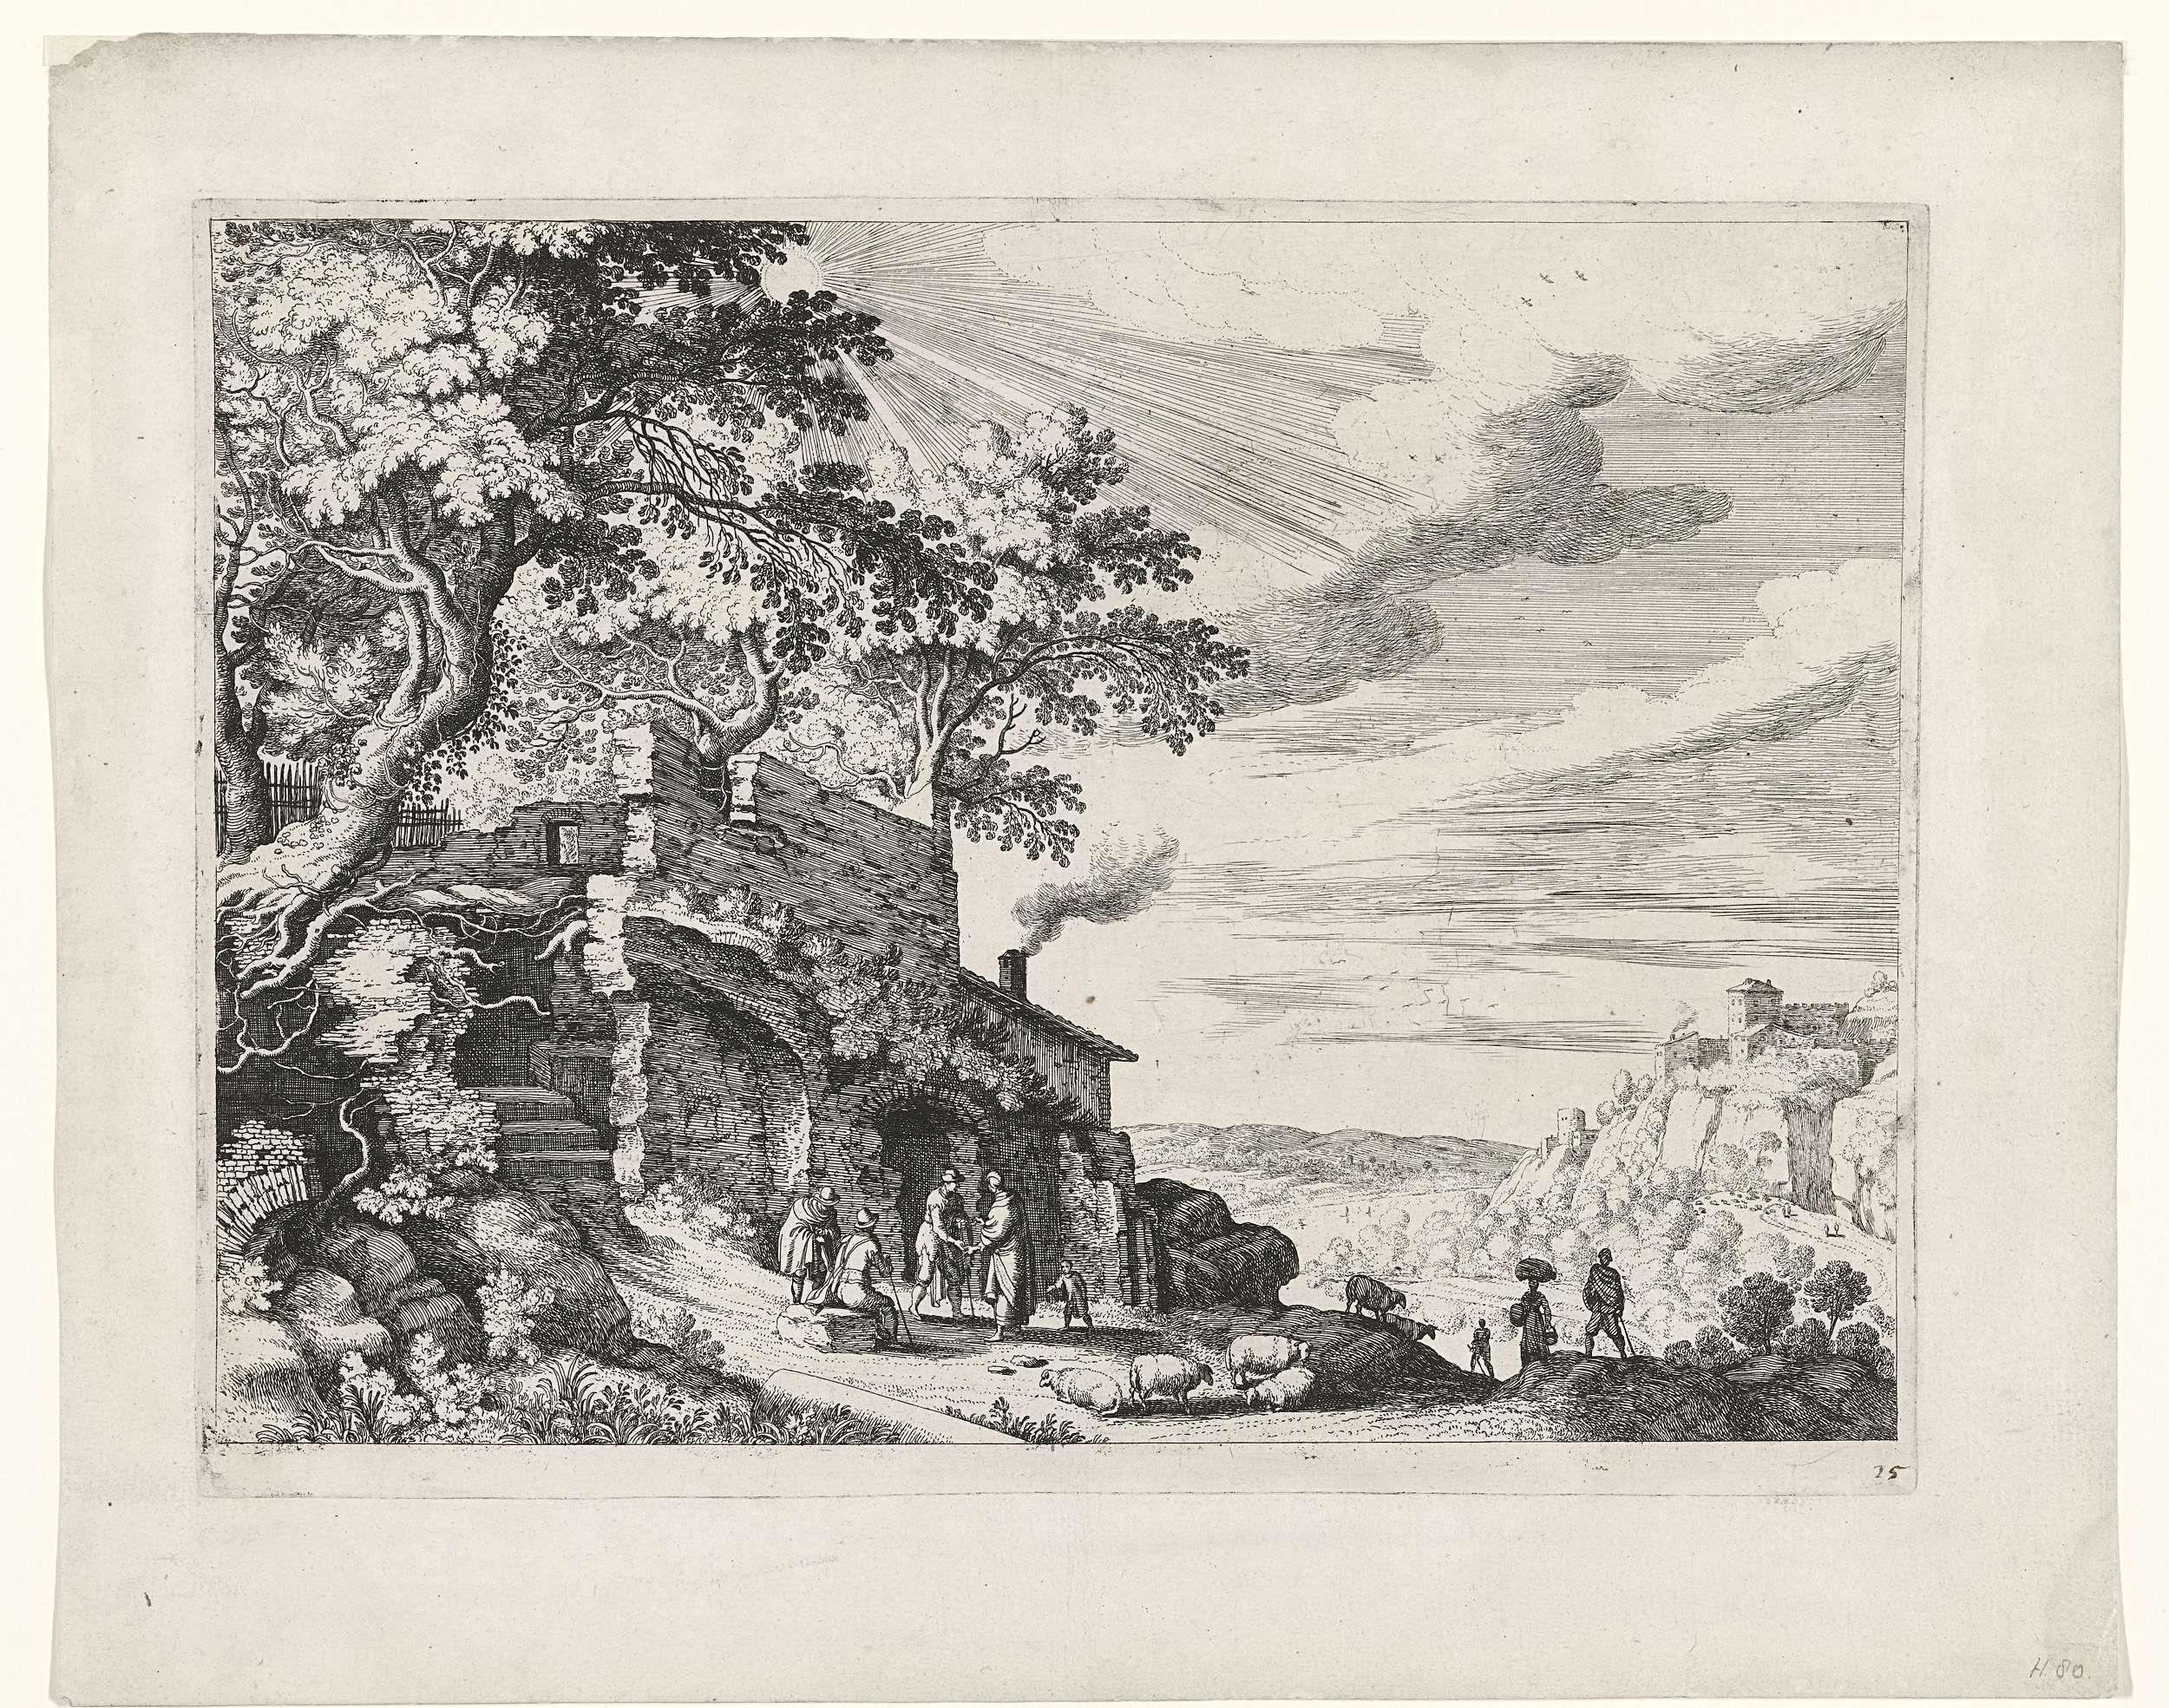 Willem van Nieulandt (II) | Herders bij een ruïne, Willem van Nieulandt (II), Paul Bril, 1594 - 1635 | Voor een ruïne, die deels is overwoekerd door bomen, staan enkele herders met hun schapen. Rechts uitzicht op een vallei. Prent uit een serie Italiaanse landschappen.